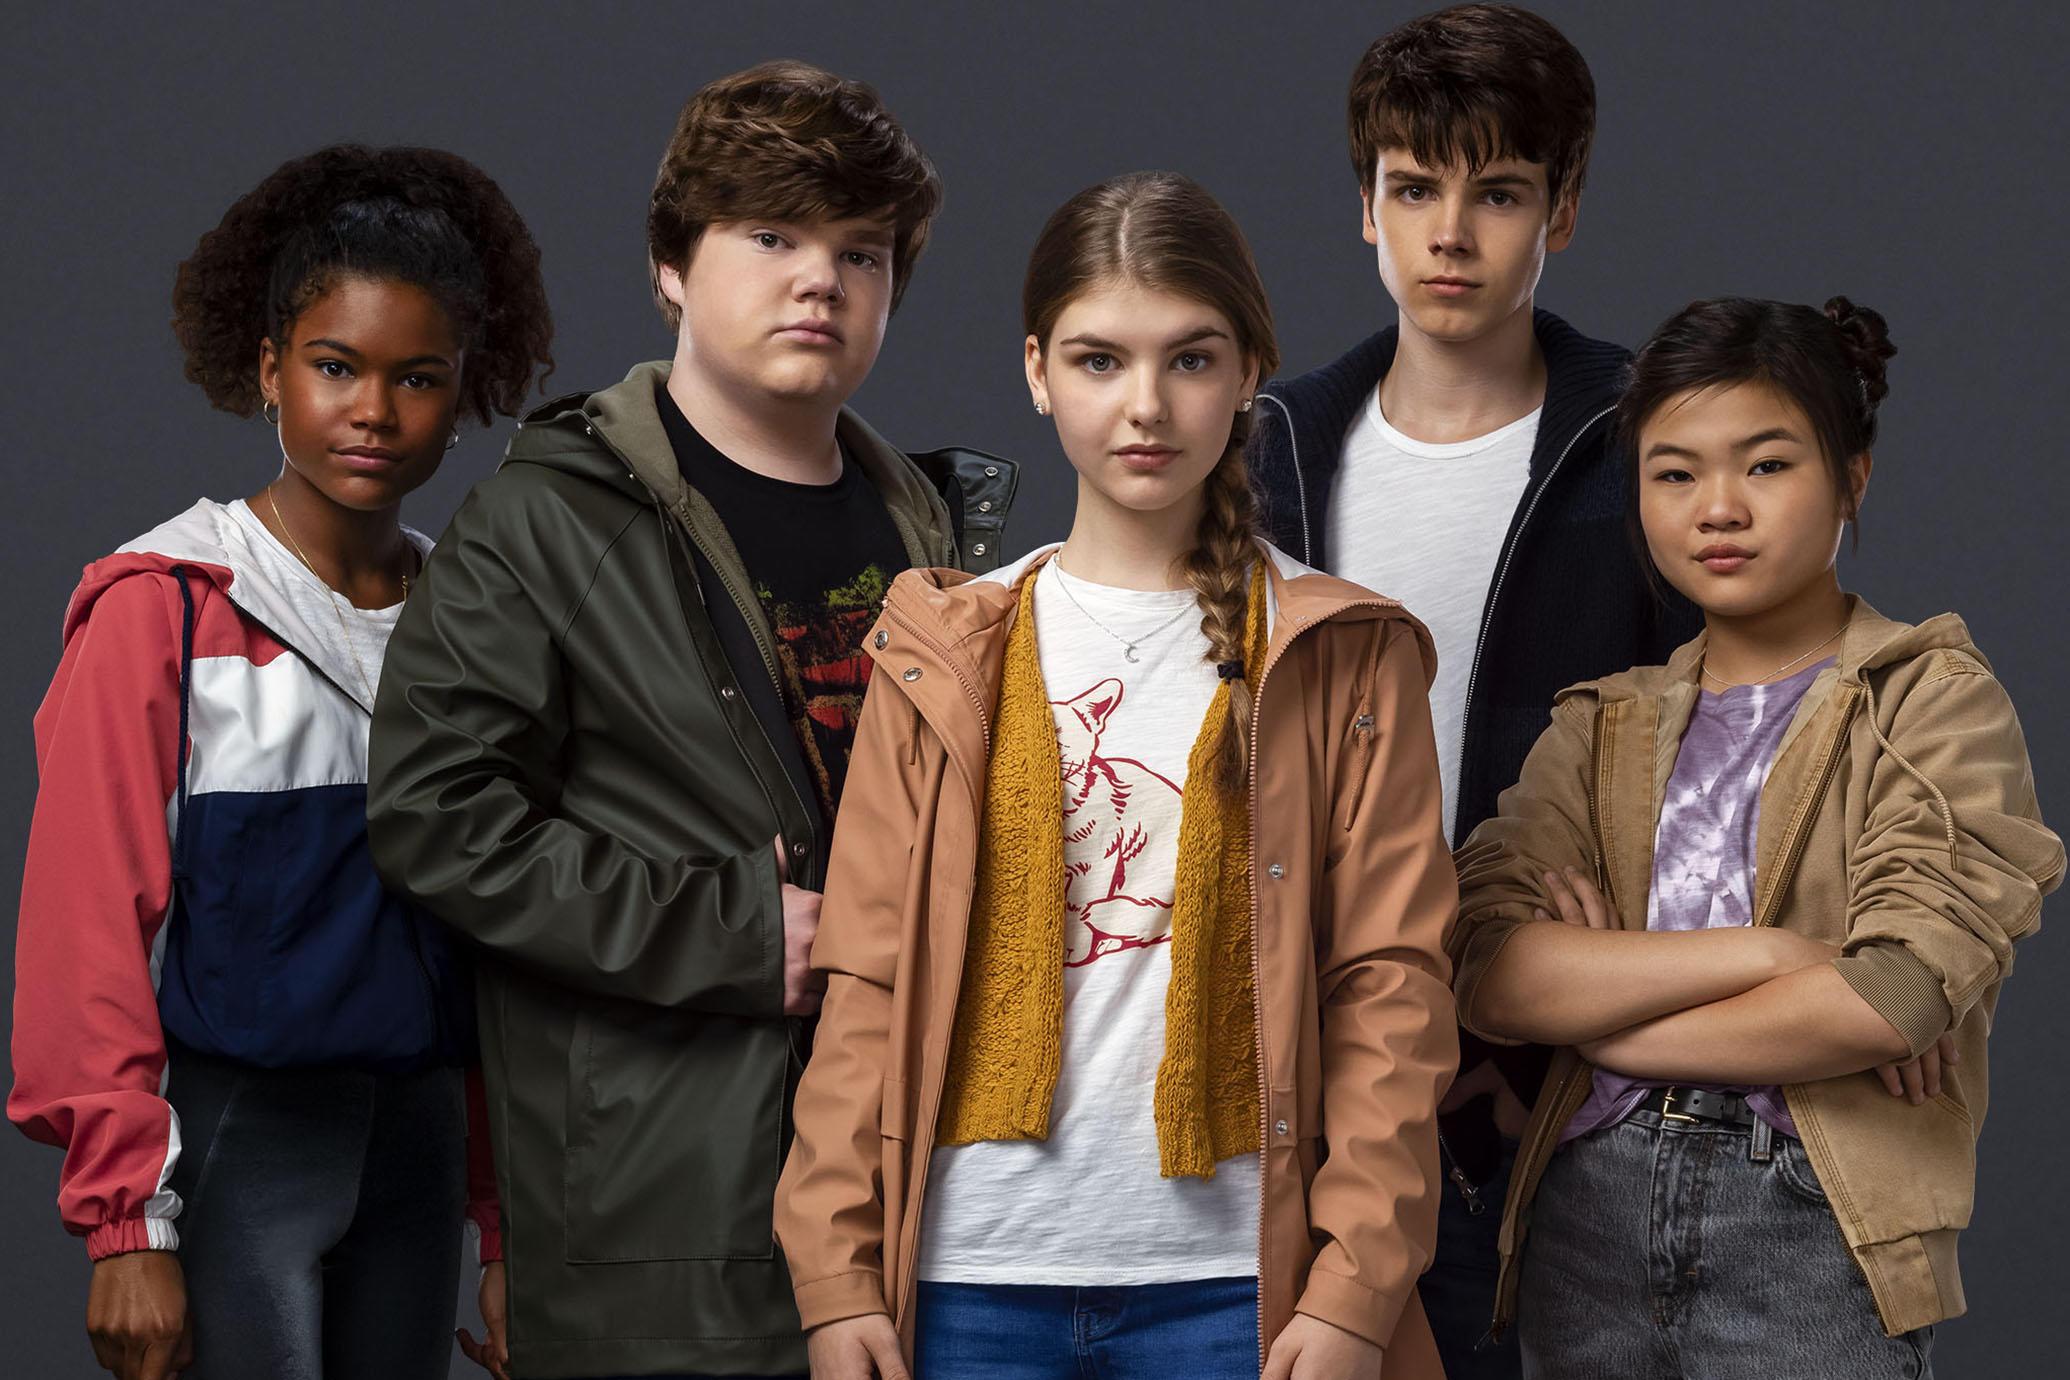 El reboot de Nickelodeon Are You Afraid of the Dark? libera tráiler completo